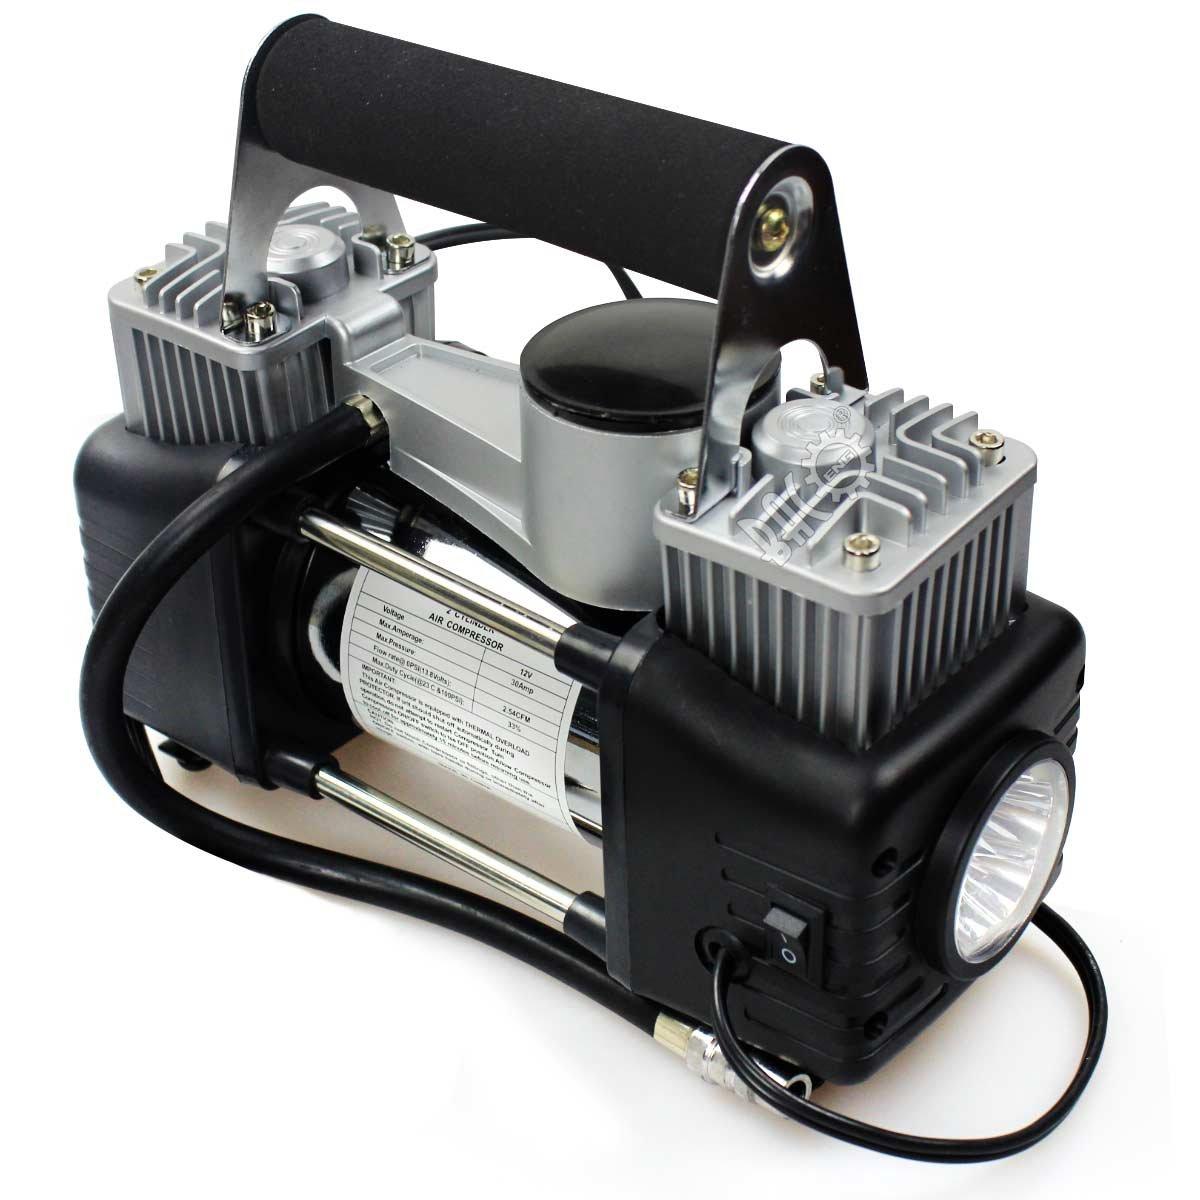 12 Volt Druckmanometer+ Reifen-Reparatursatz+ LED Taschenlampe+ tragbare Tasche 150 PSI BACOENG 2-Zylinder Auto-Kompressor